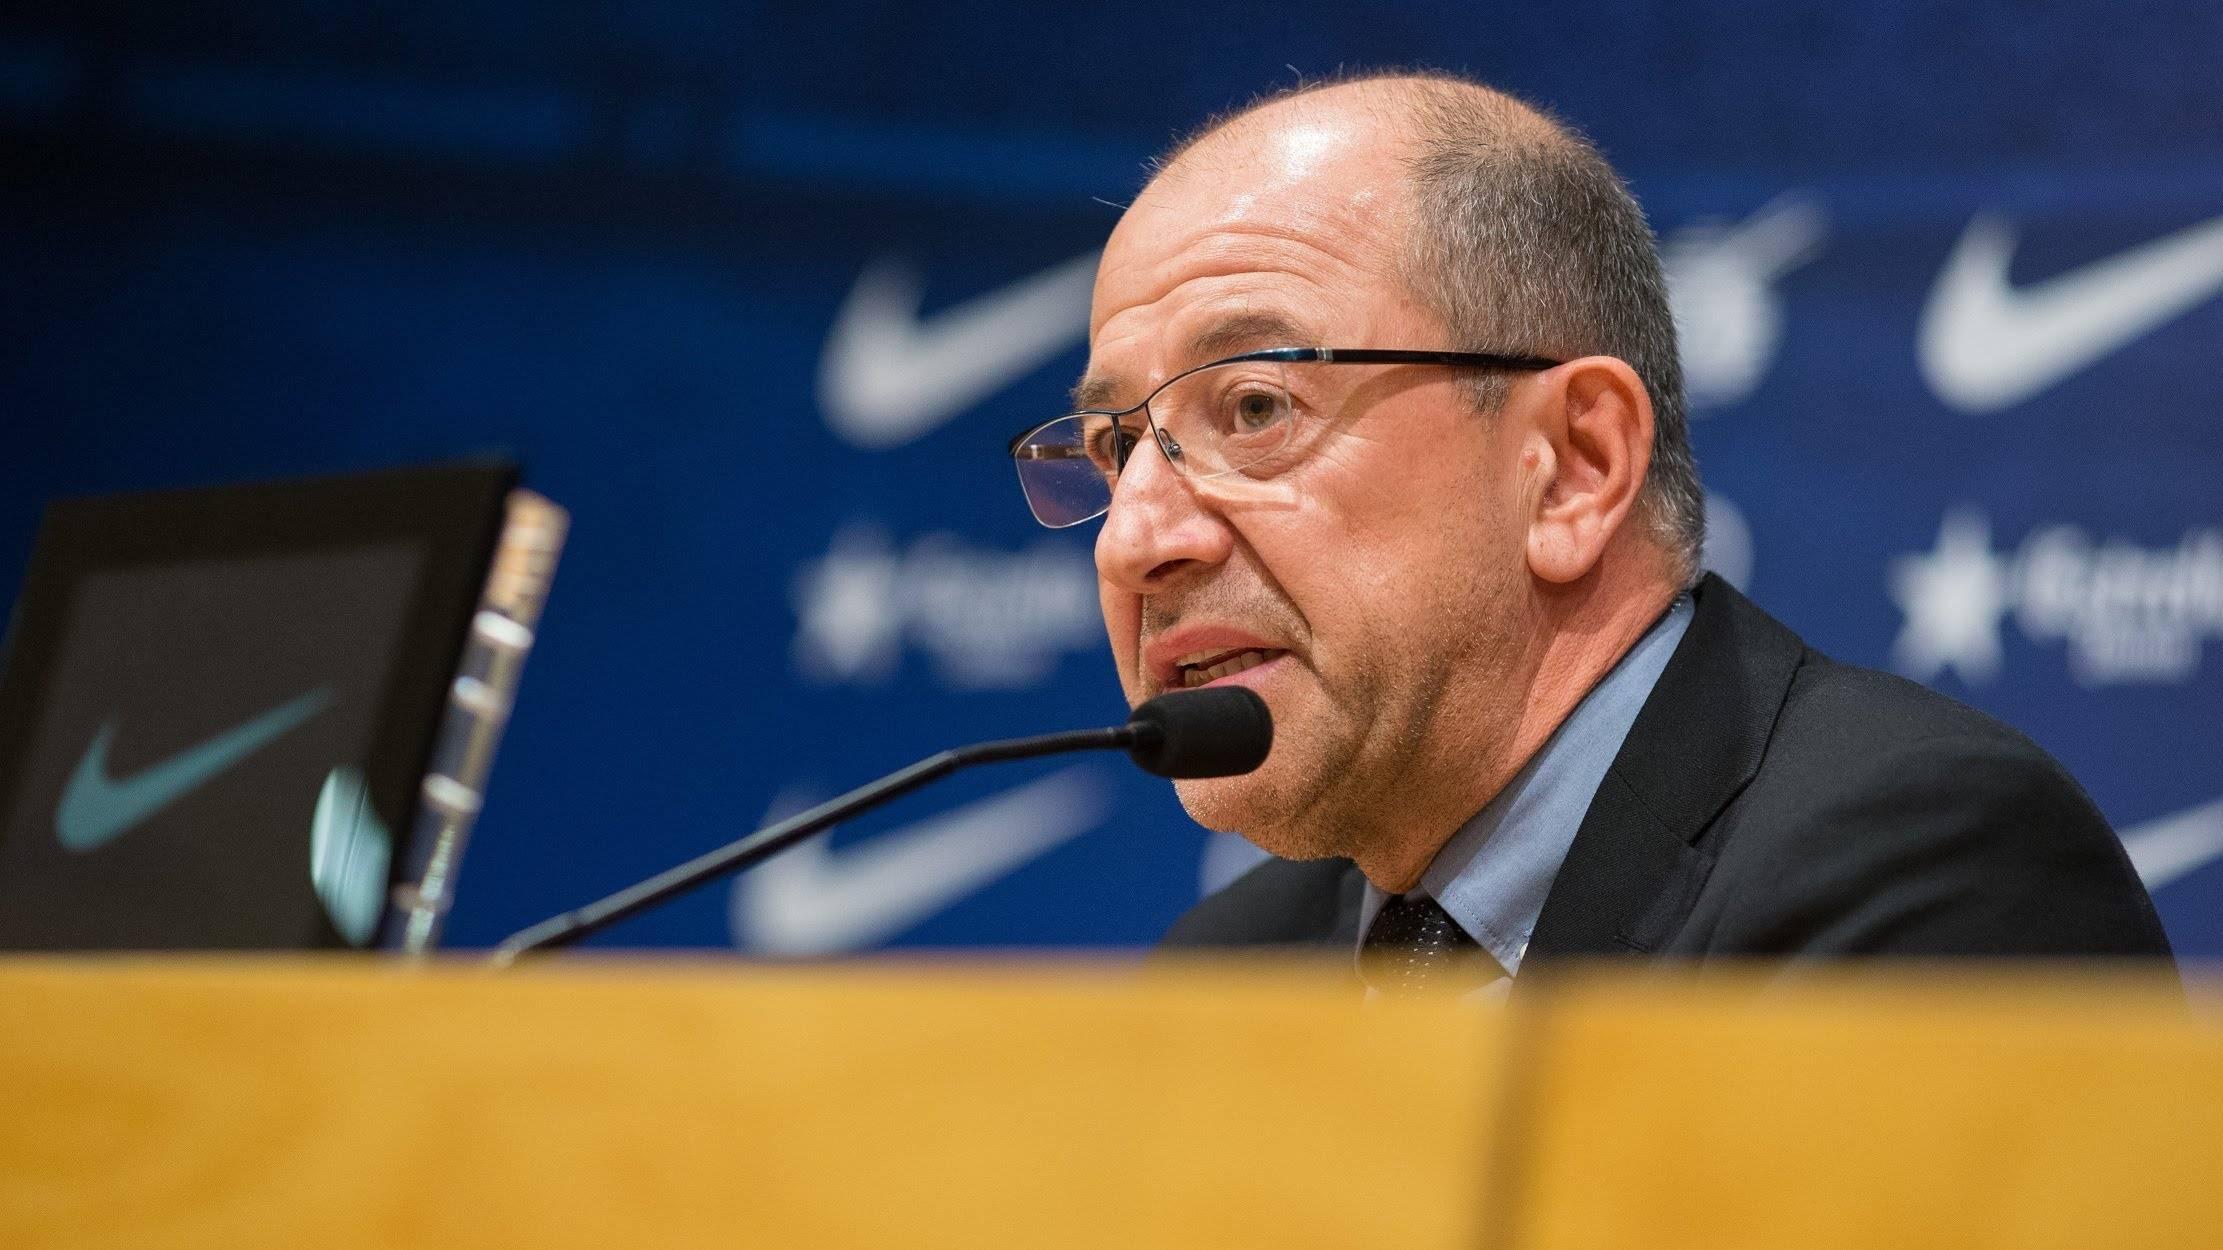 La asamblea del Barça ratifica a Qatar como patrocinador